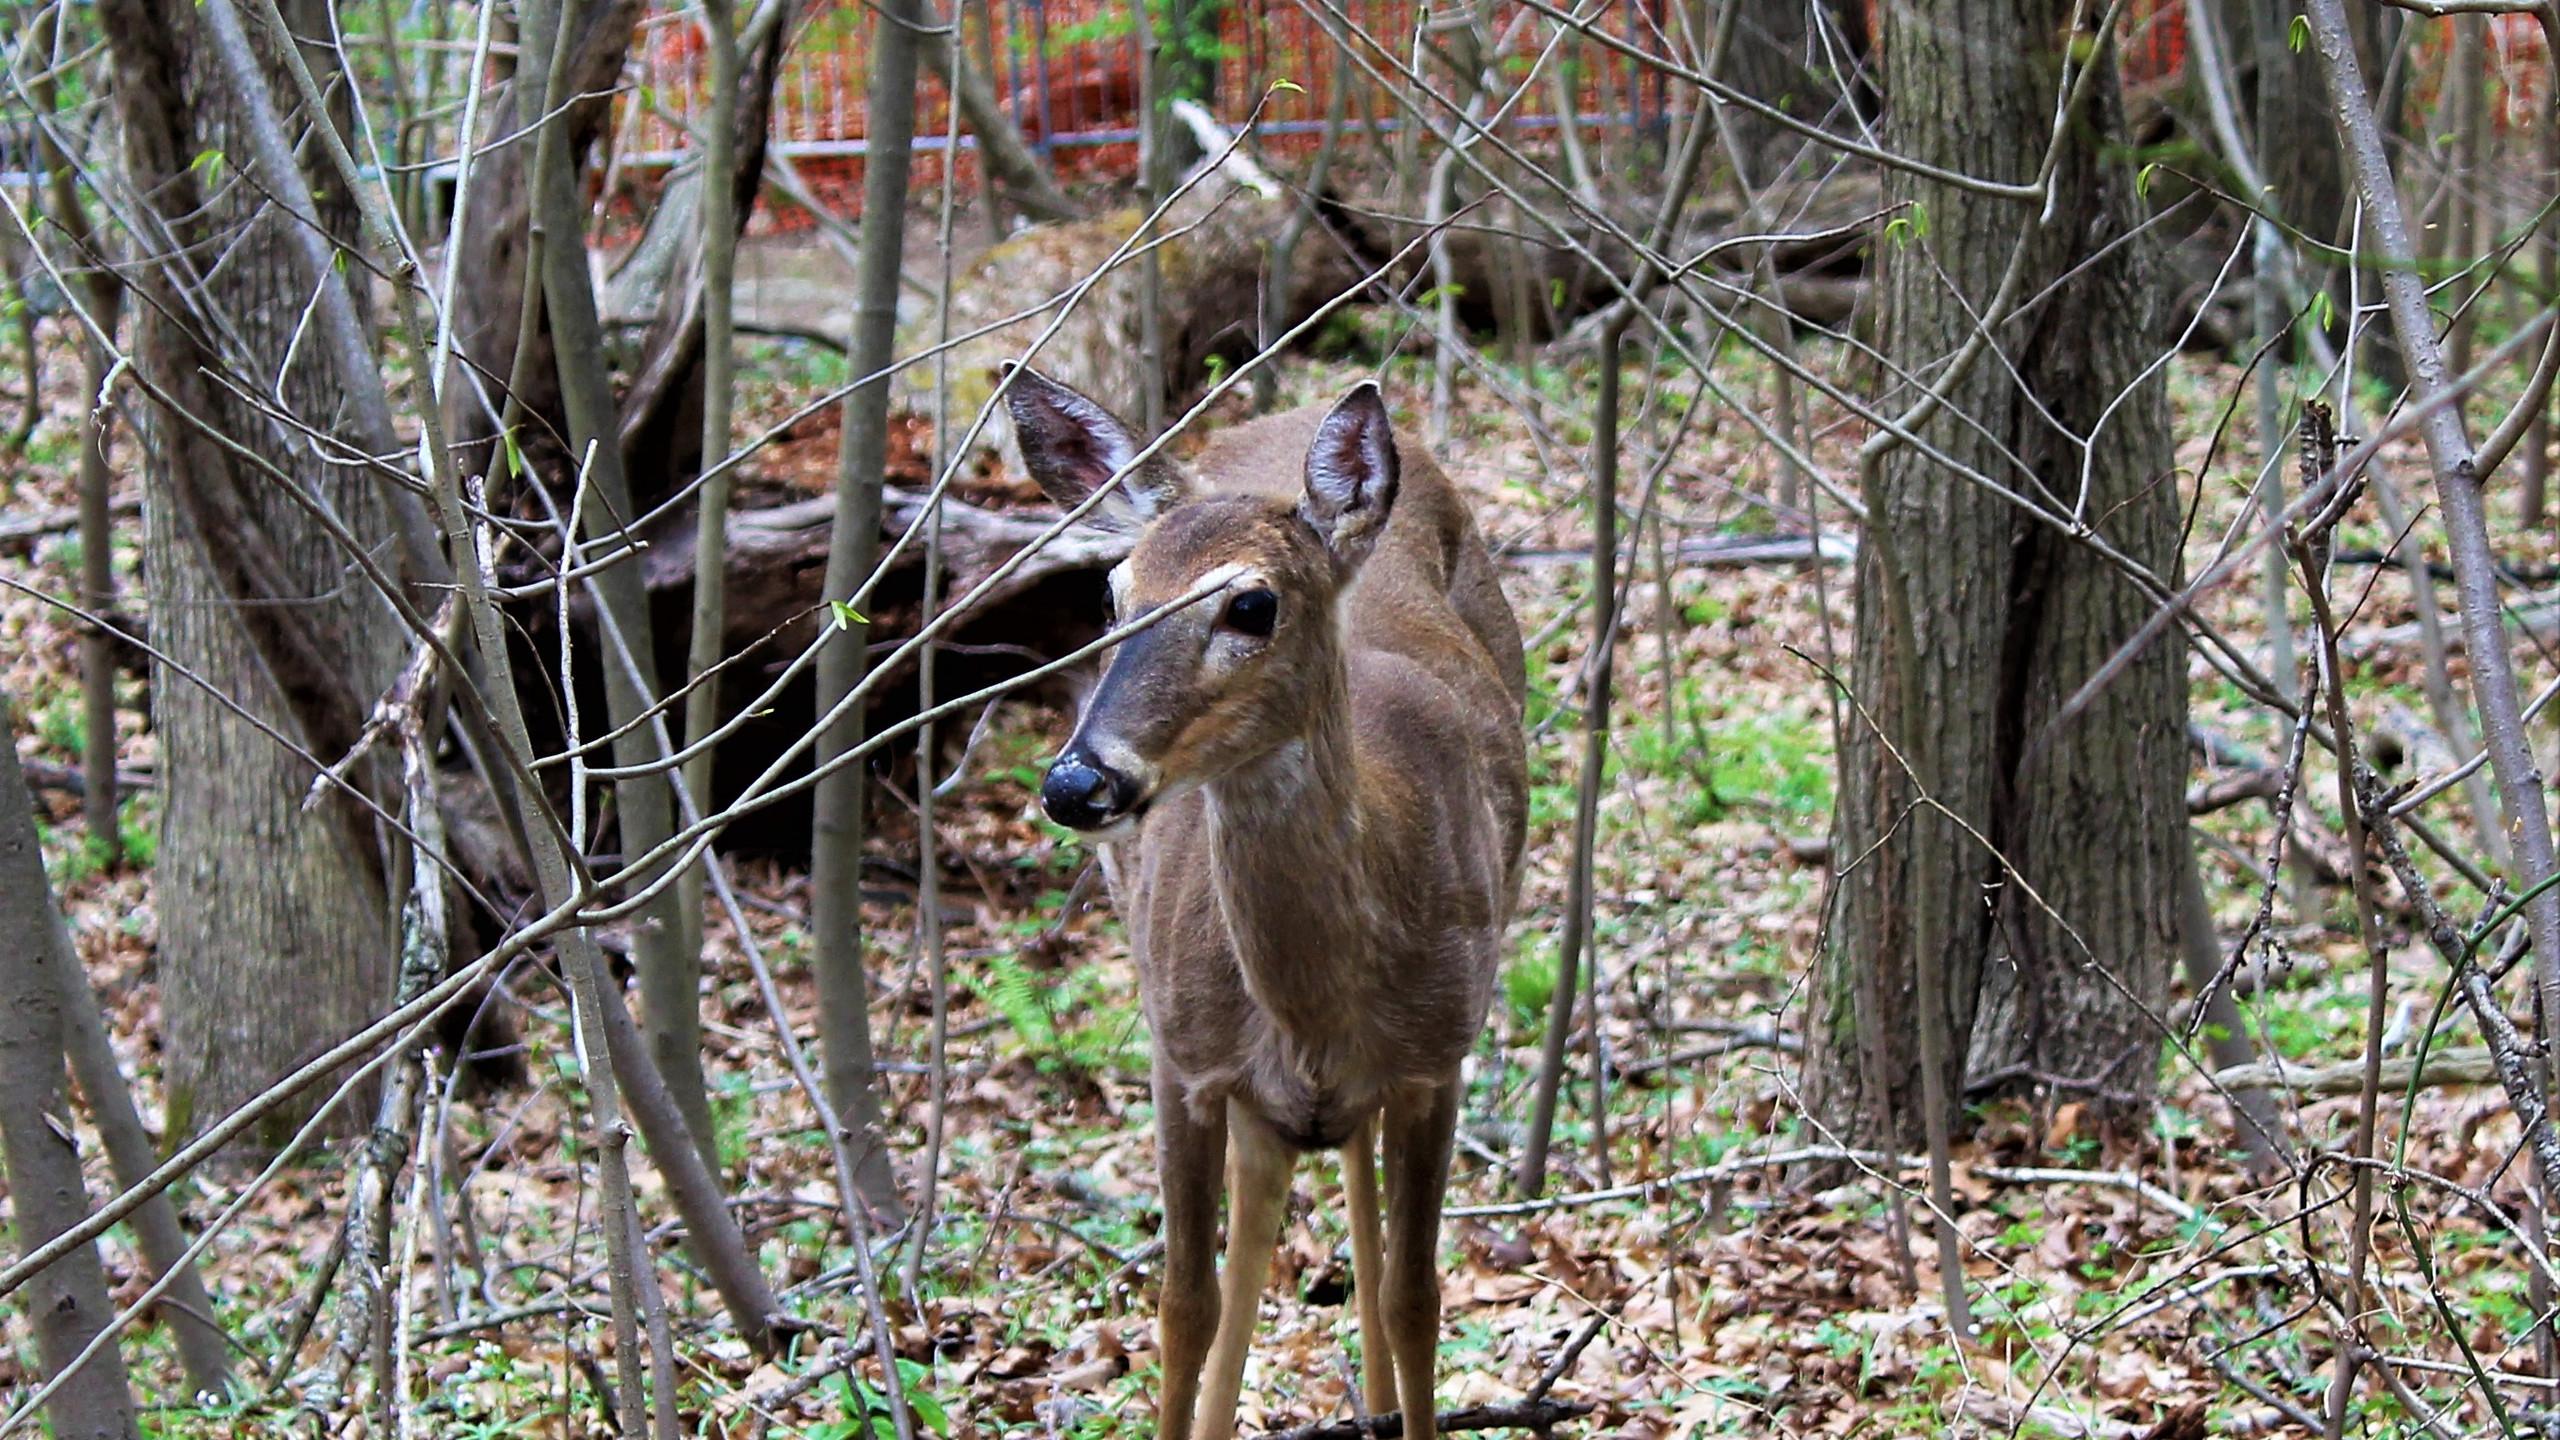 Wildlife at Great Falls